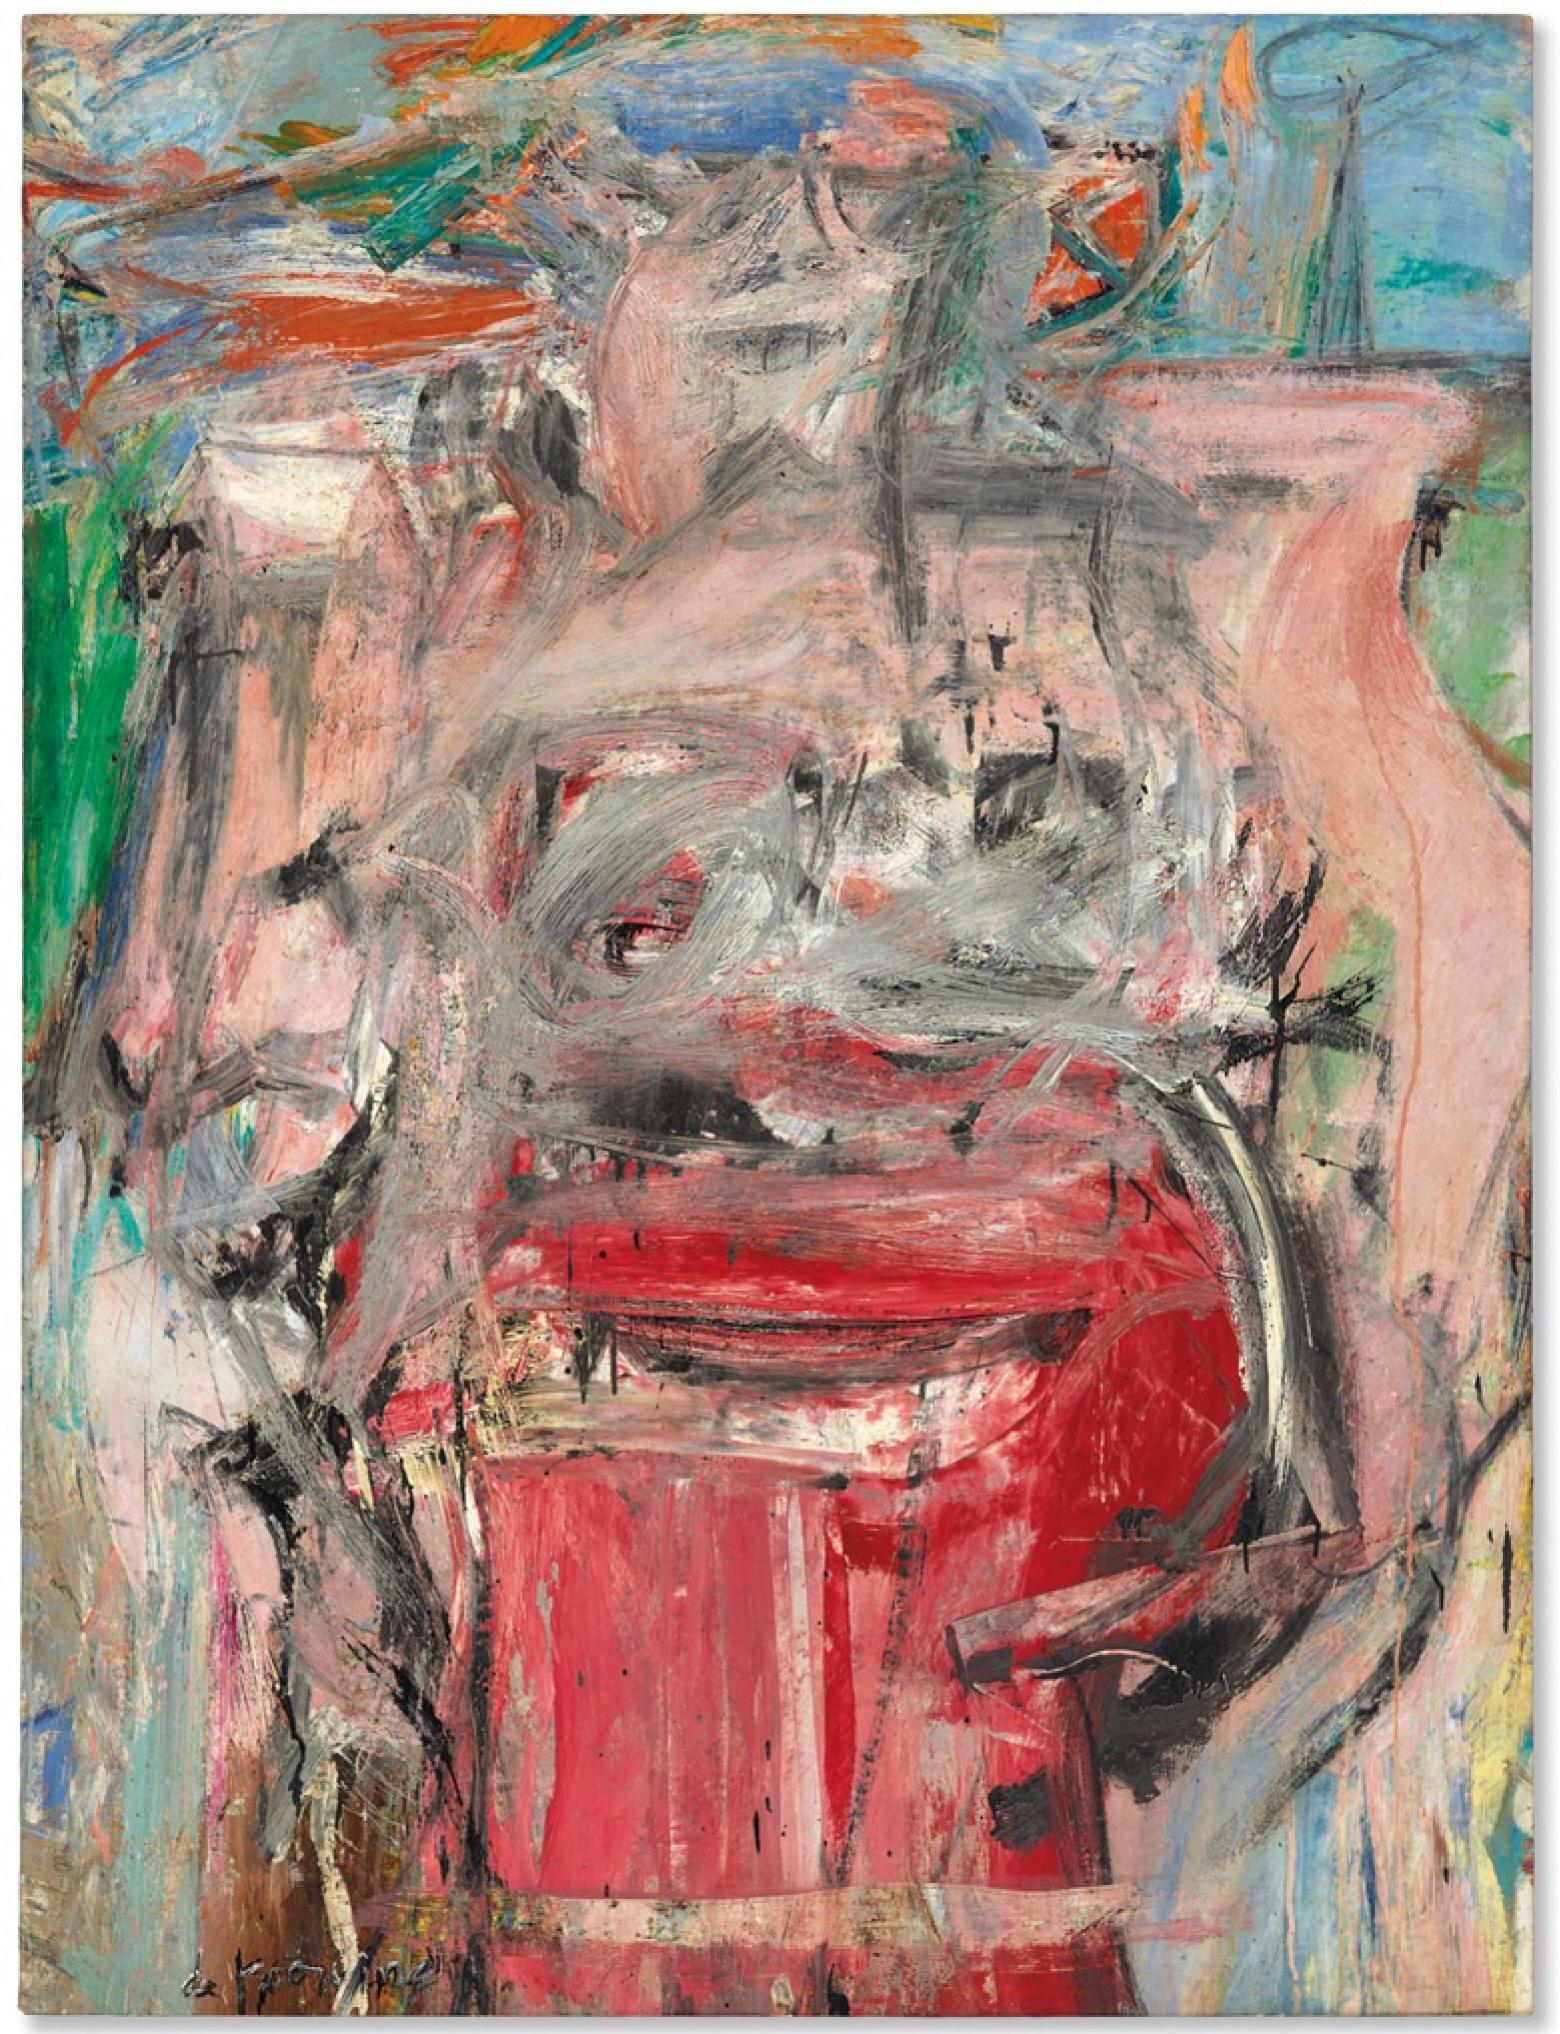 Willem de Kuning. Woman as Landscape